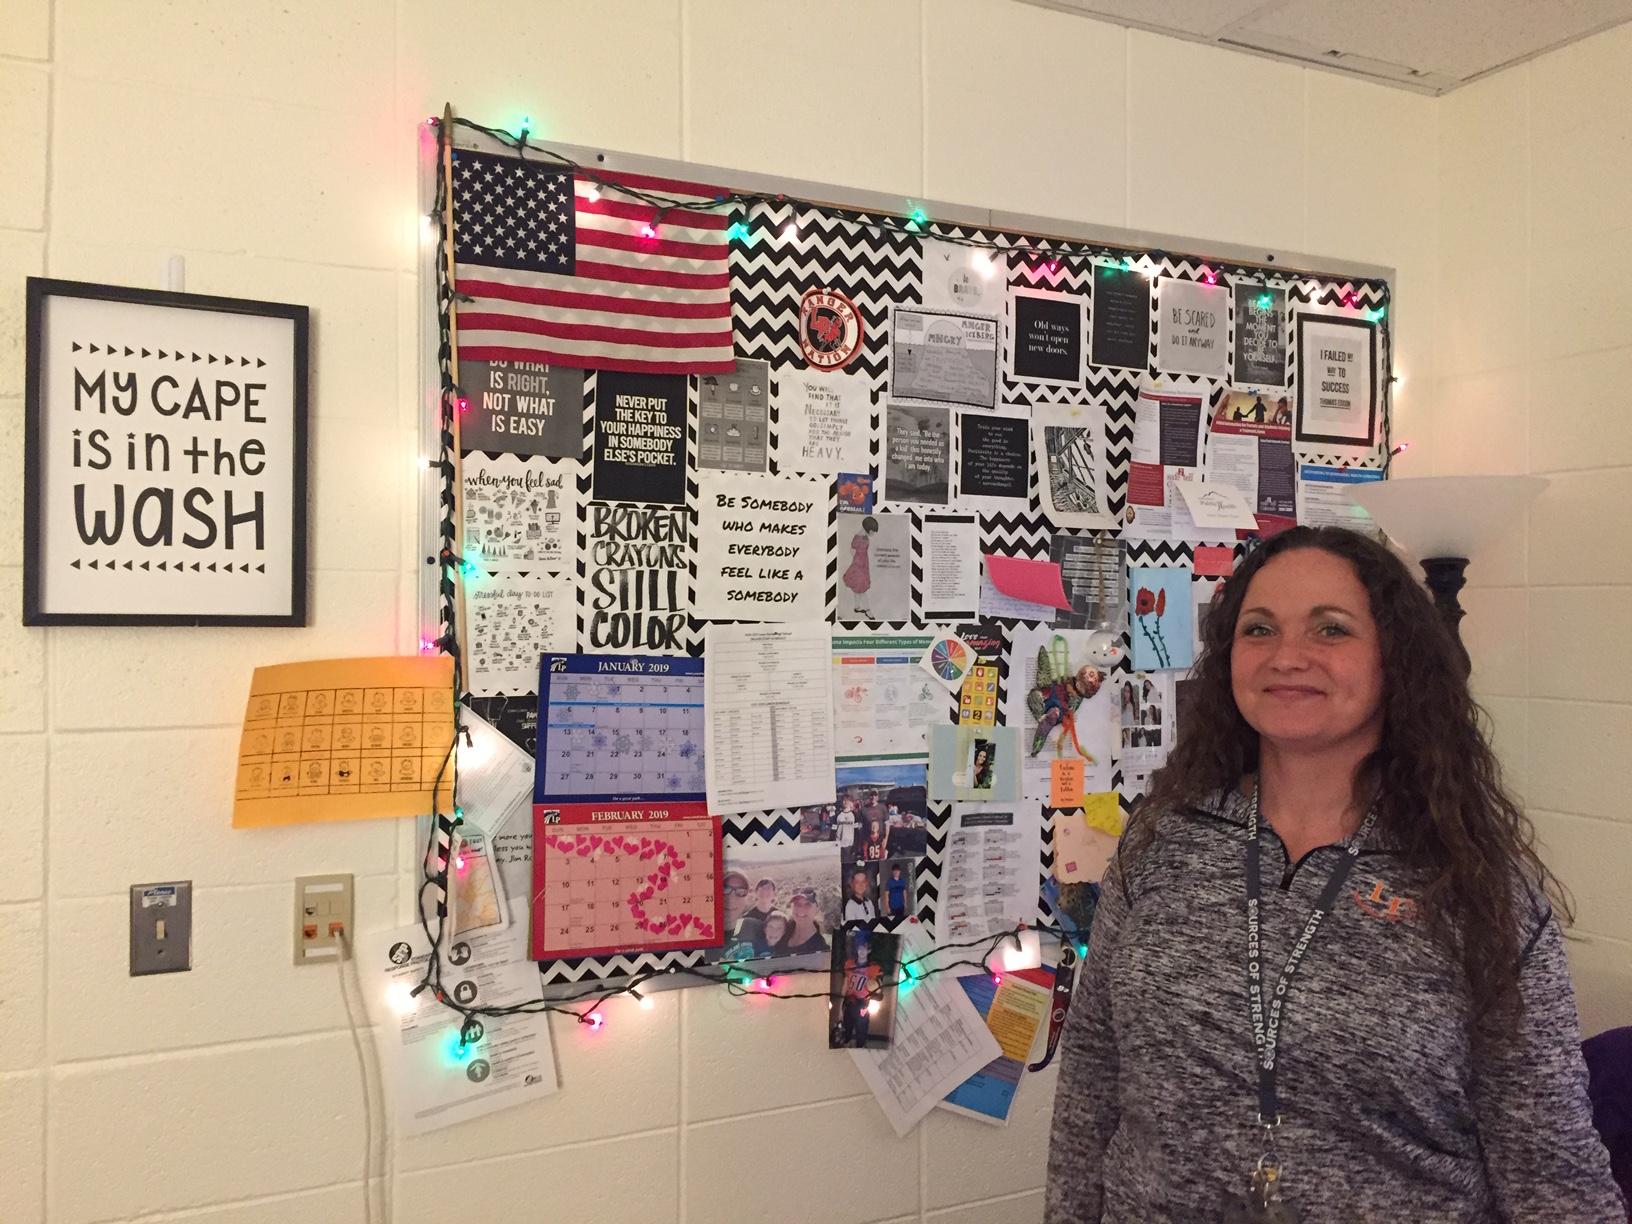 Debbie Sell is a high school social worker in El Paso County, Colorado